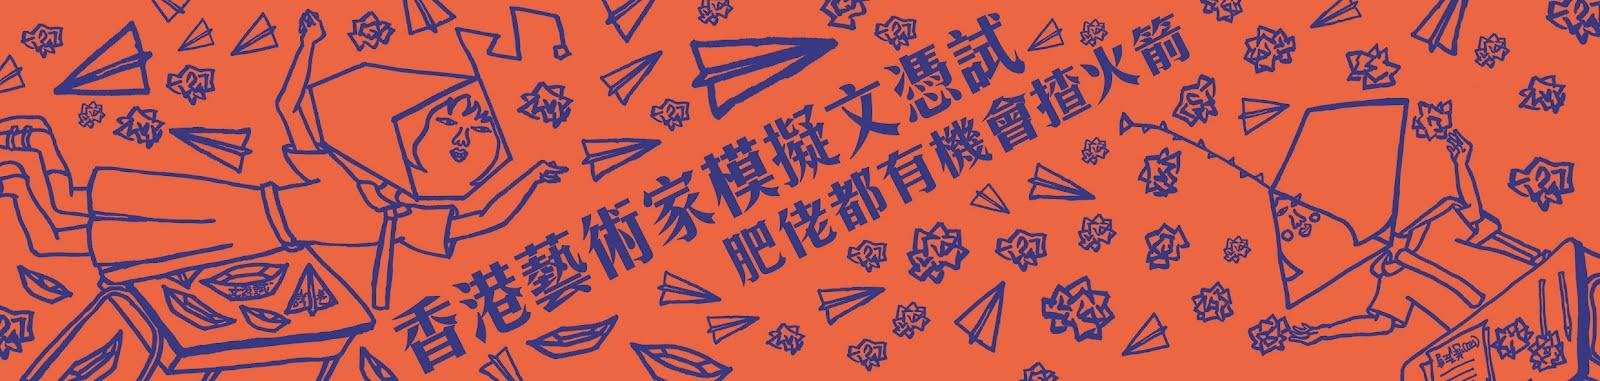 香港藝術家模擬文憑試研究計劃